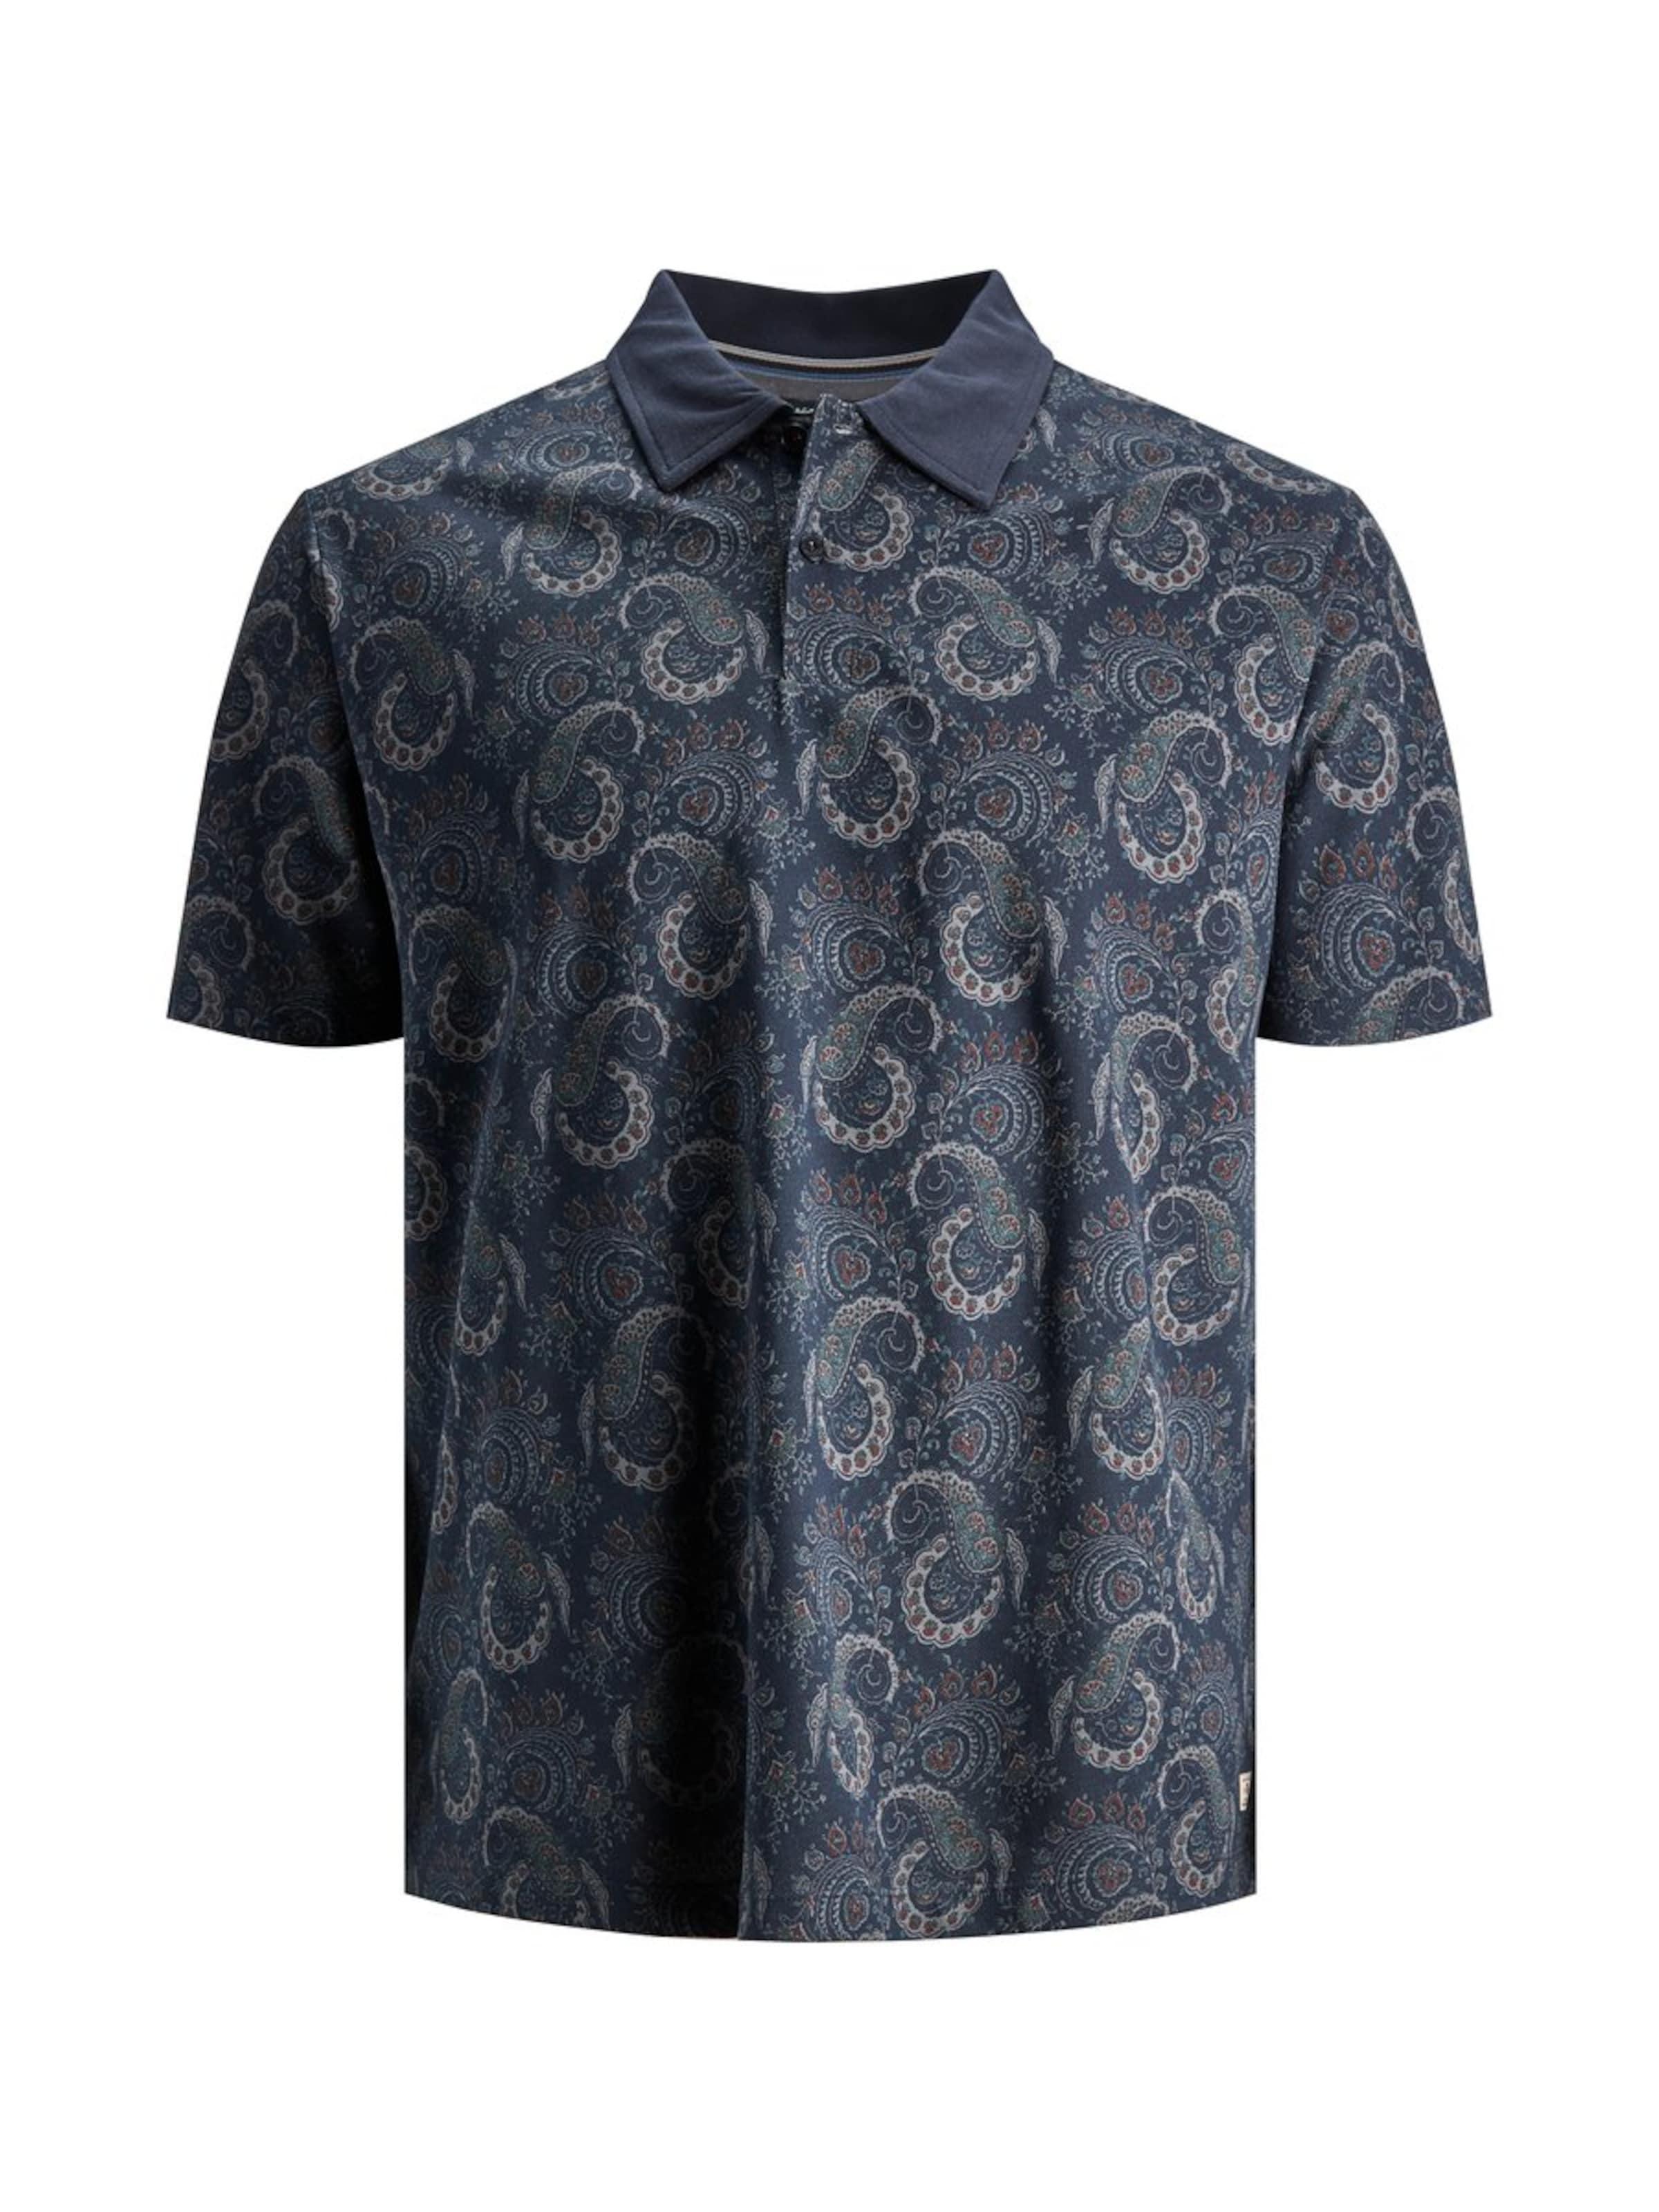 Jackamp; In Blauw Jackamp; Jones Overhemd q4RjL35A